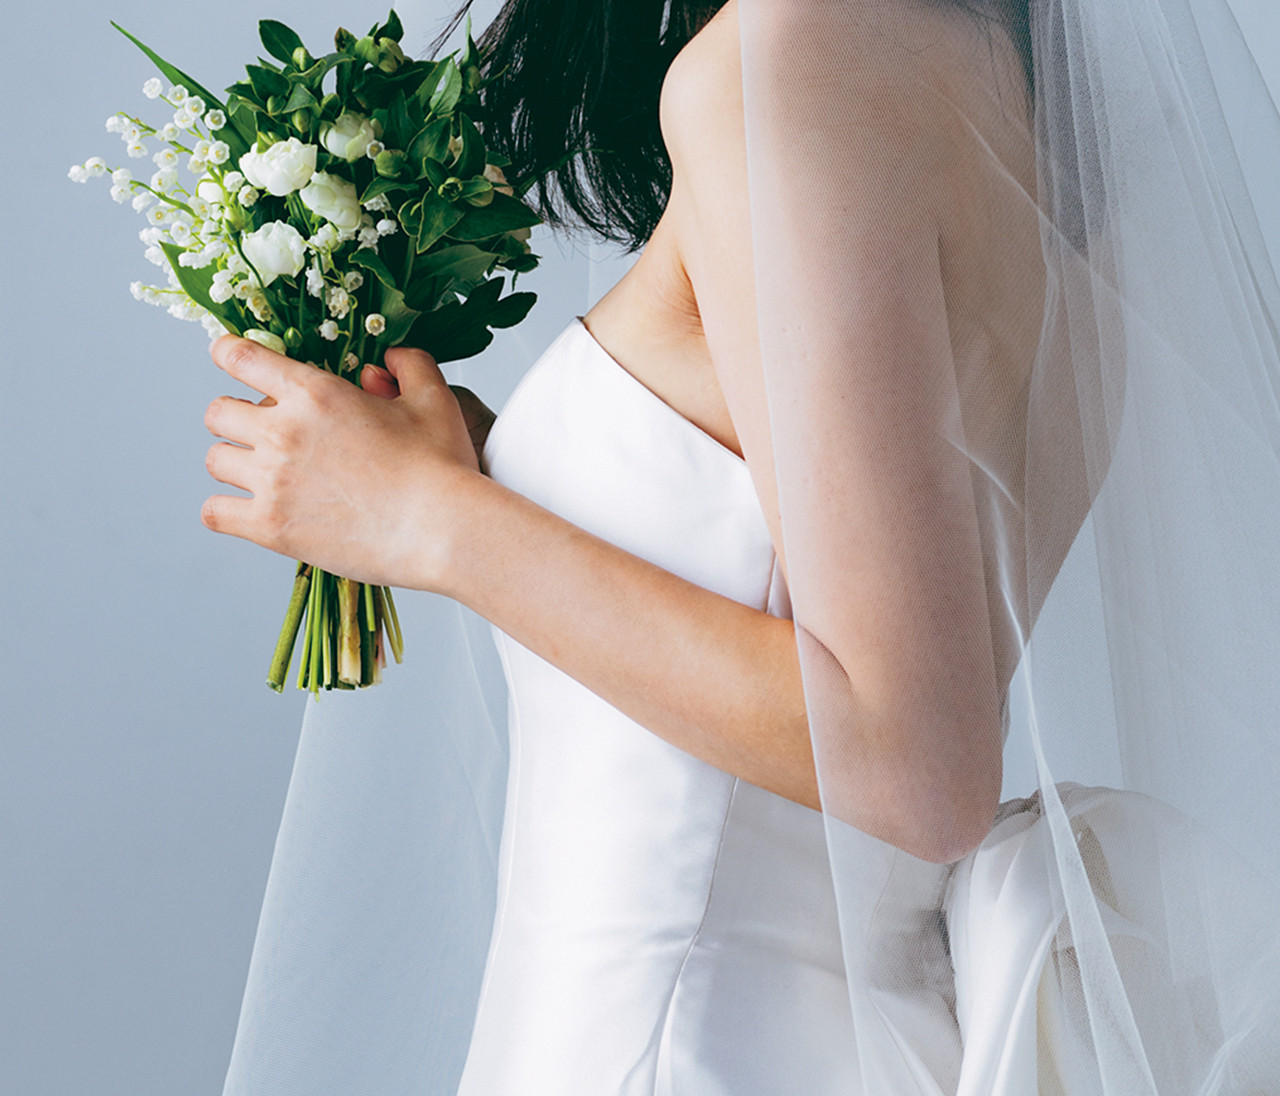 【WEDDING】ウェディングリングから婚活まで